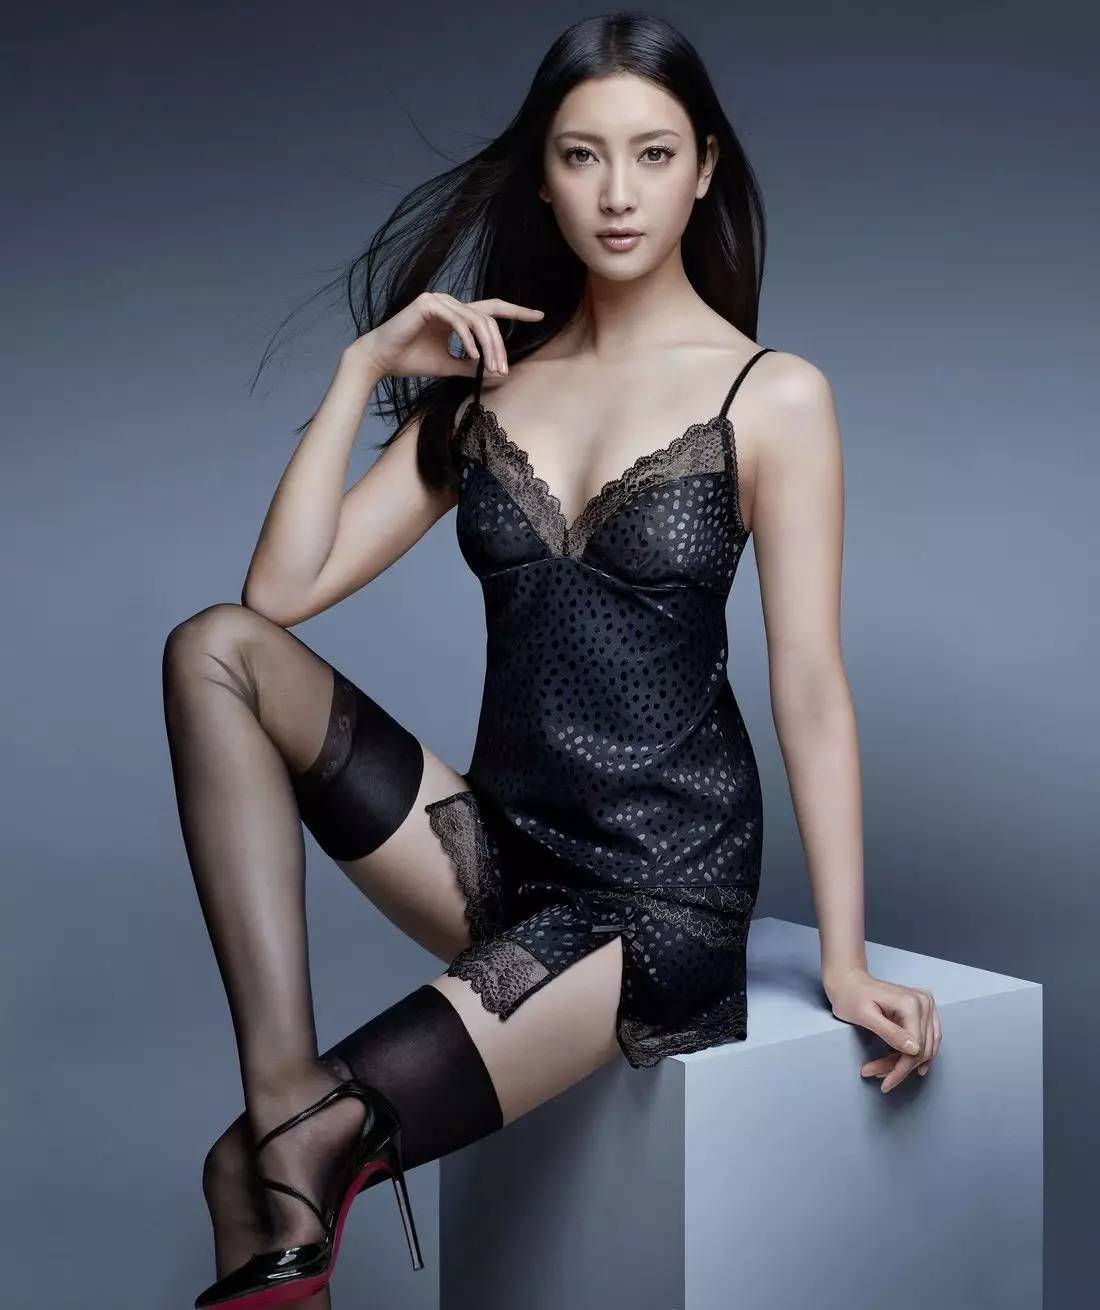 日本五大性感美臀女星,网友:鼻血都快止不住了